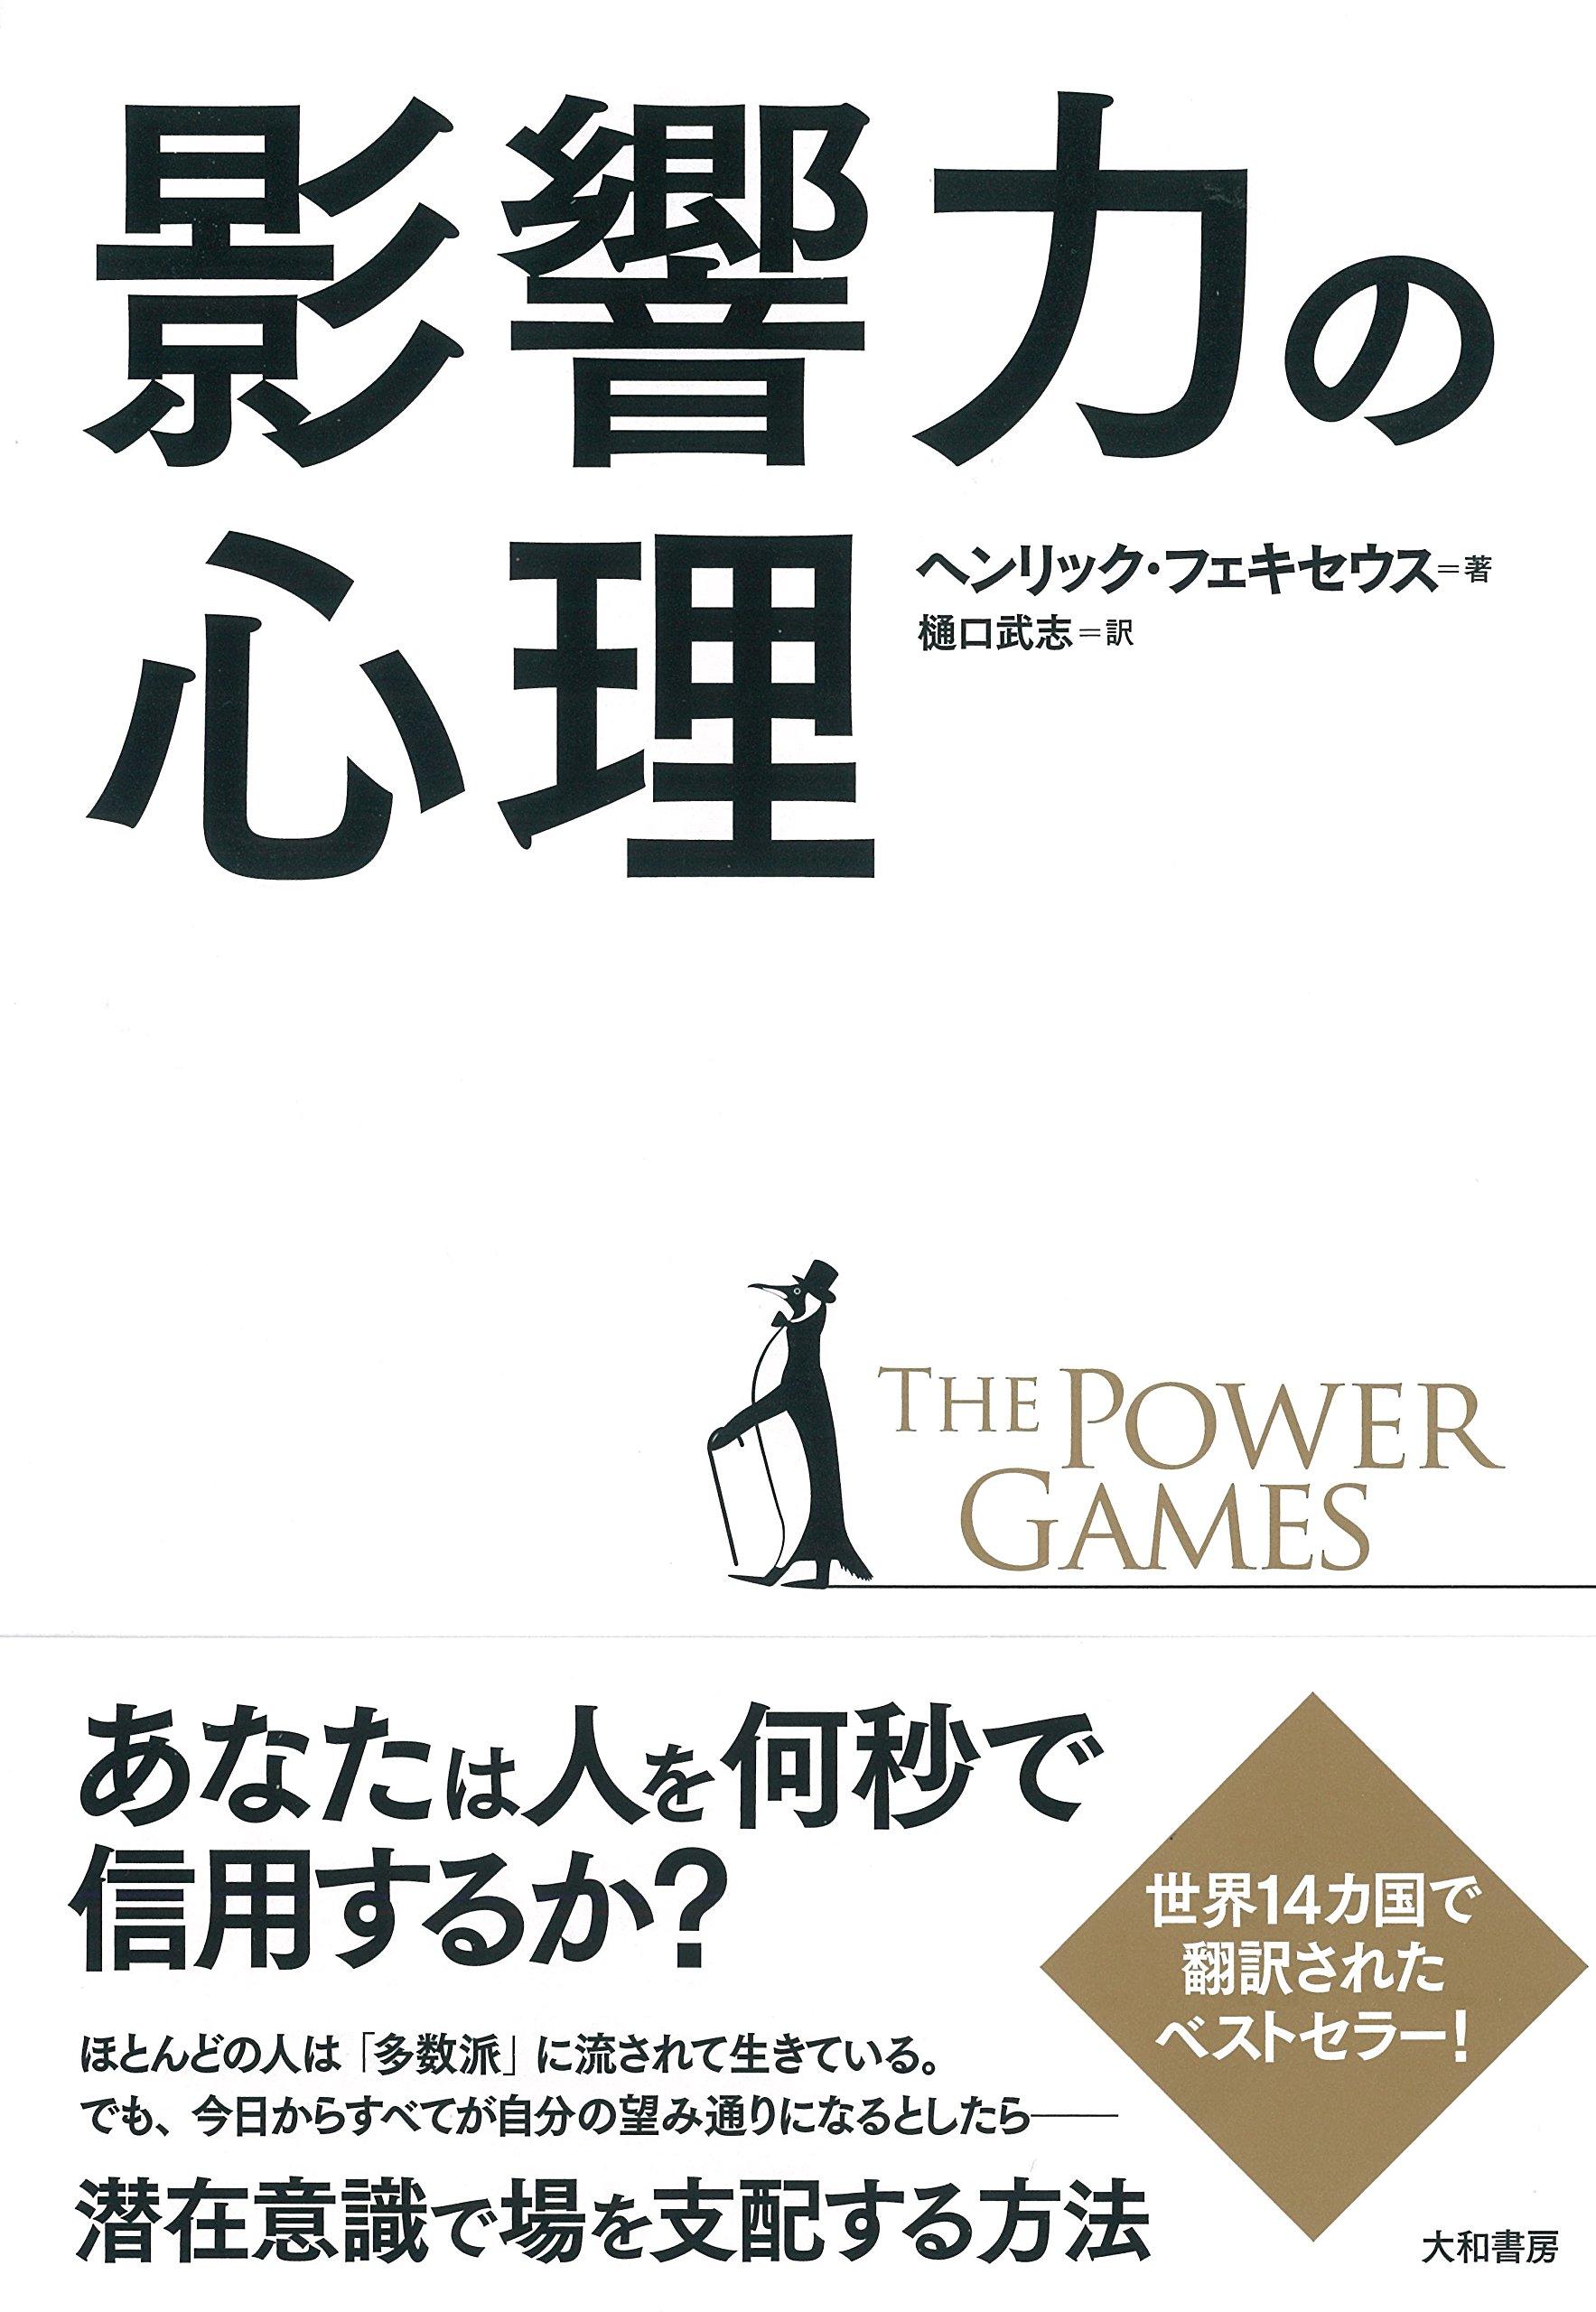 影響力の心理~The Power Games~ | ヘンリック・フェキセウス, 樋口 ...